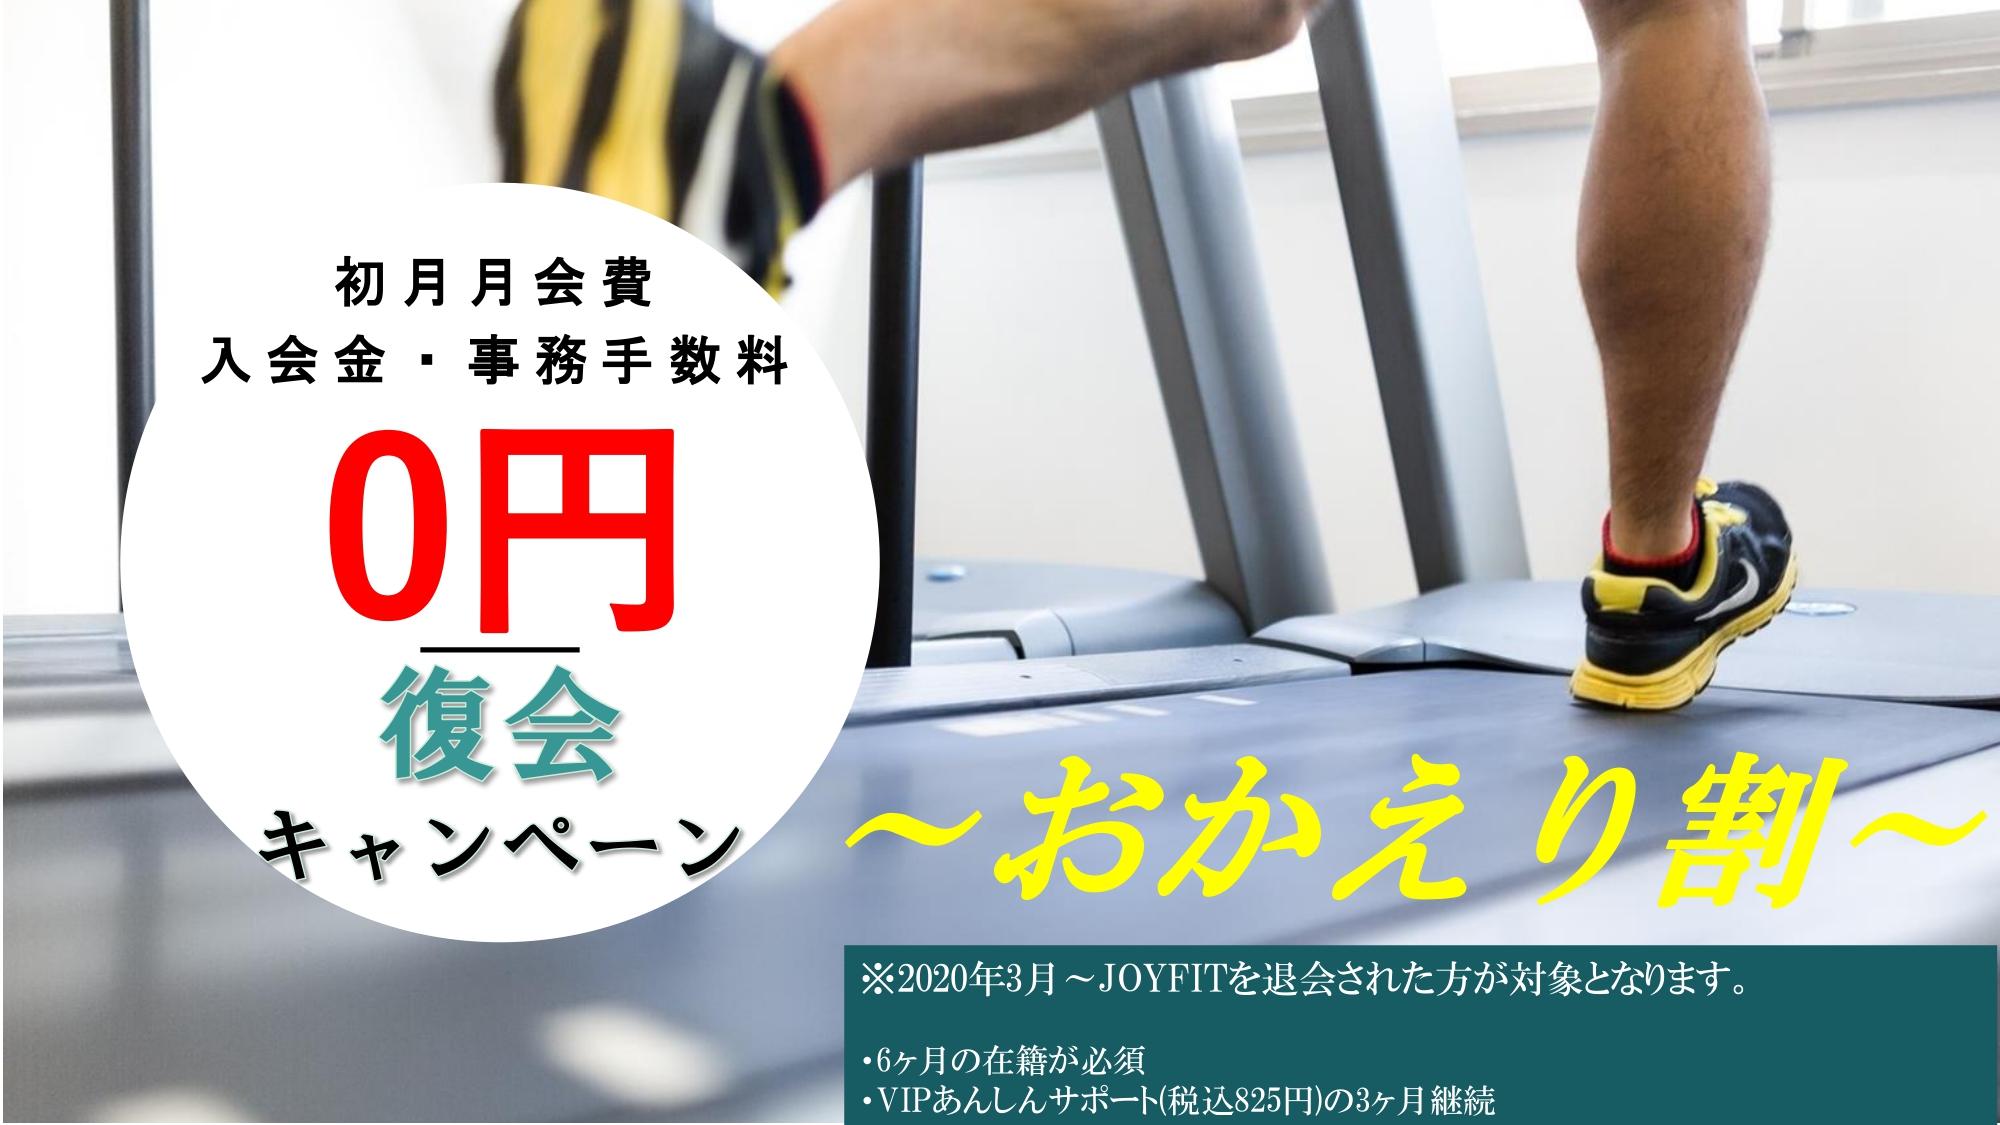 復会キャンペーン